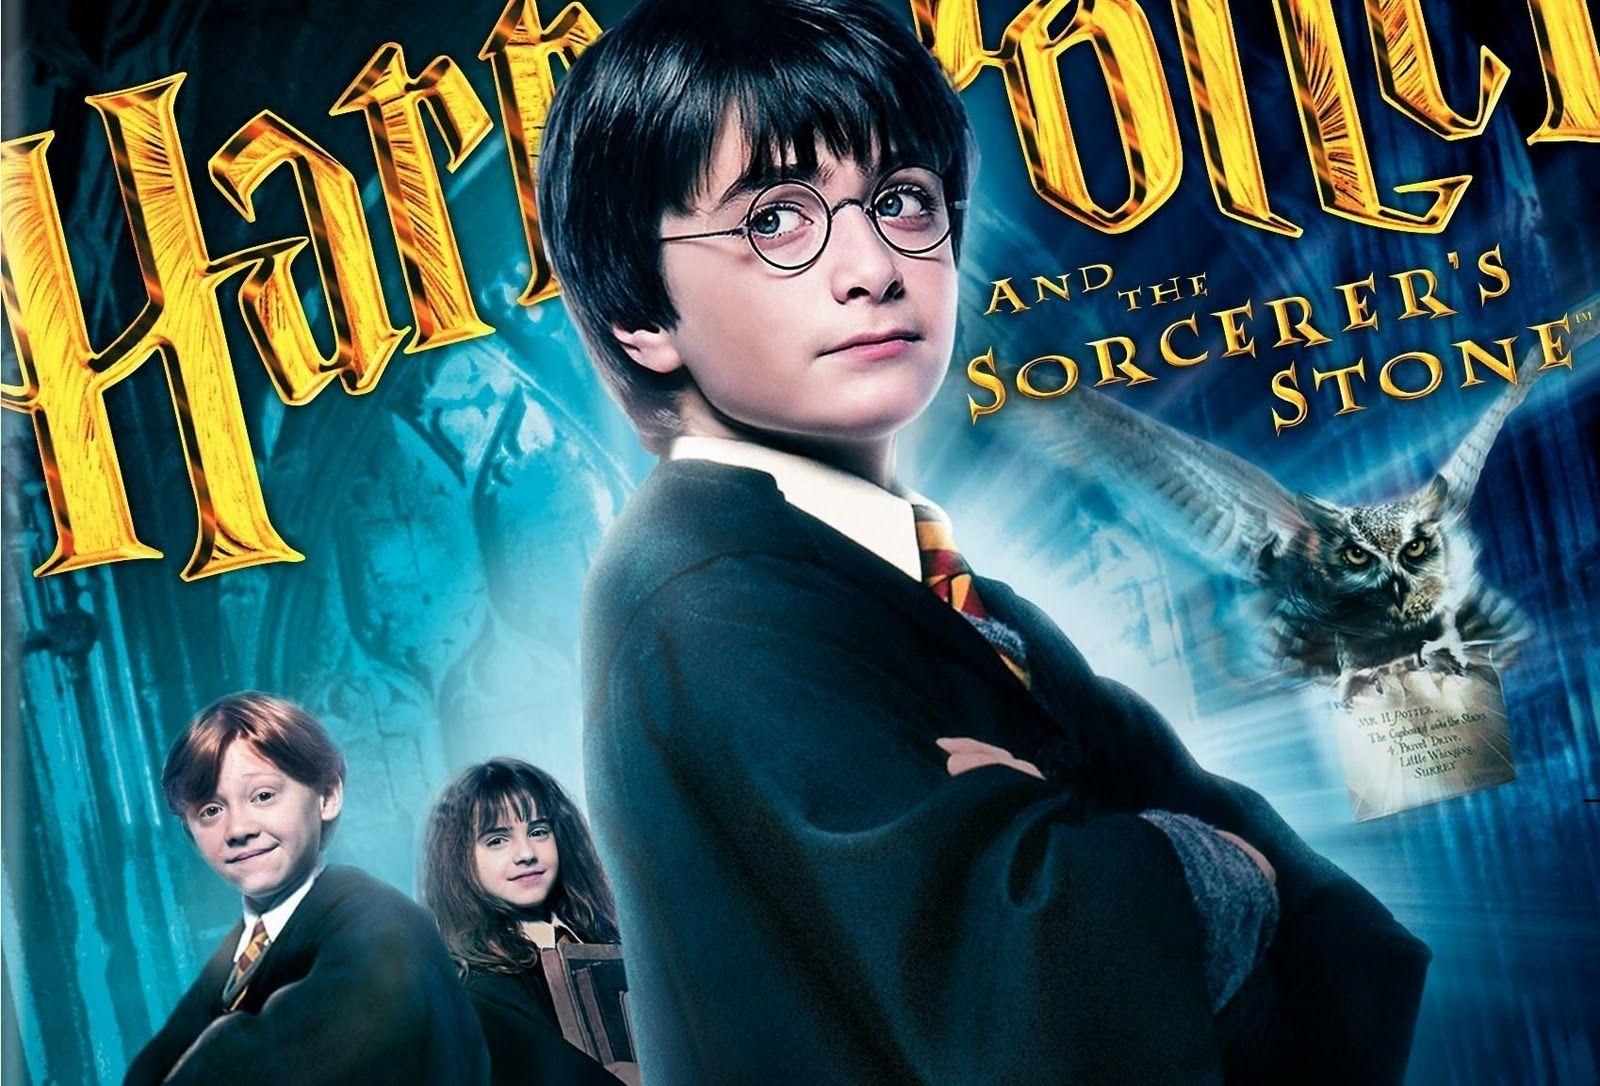 Wallpaper Harry Potter Ea Pedra Filosofal Harry Potter Wallpaper Harry Potter Harry